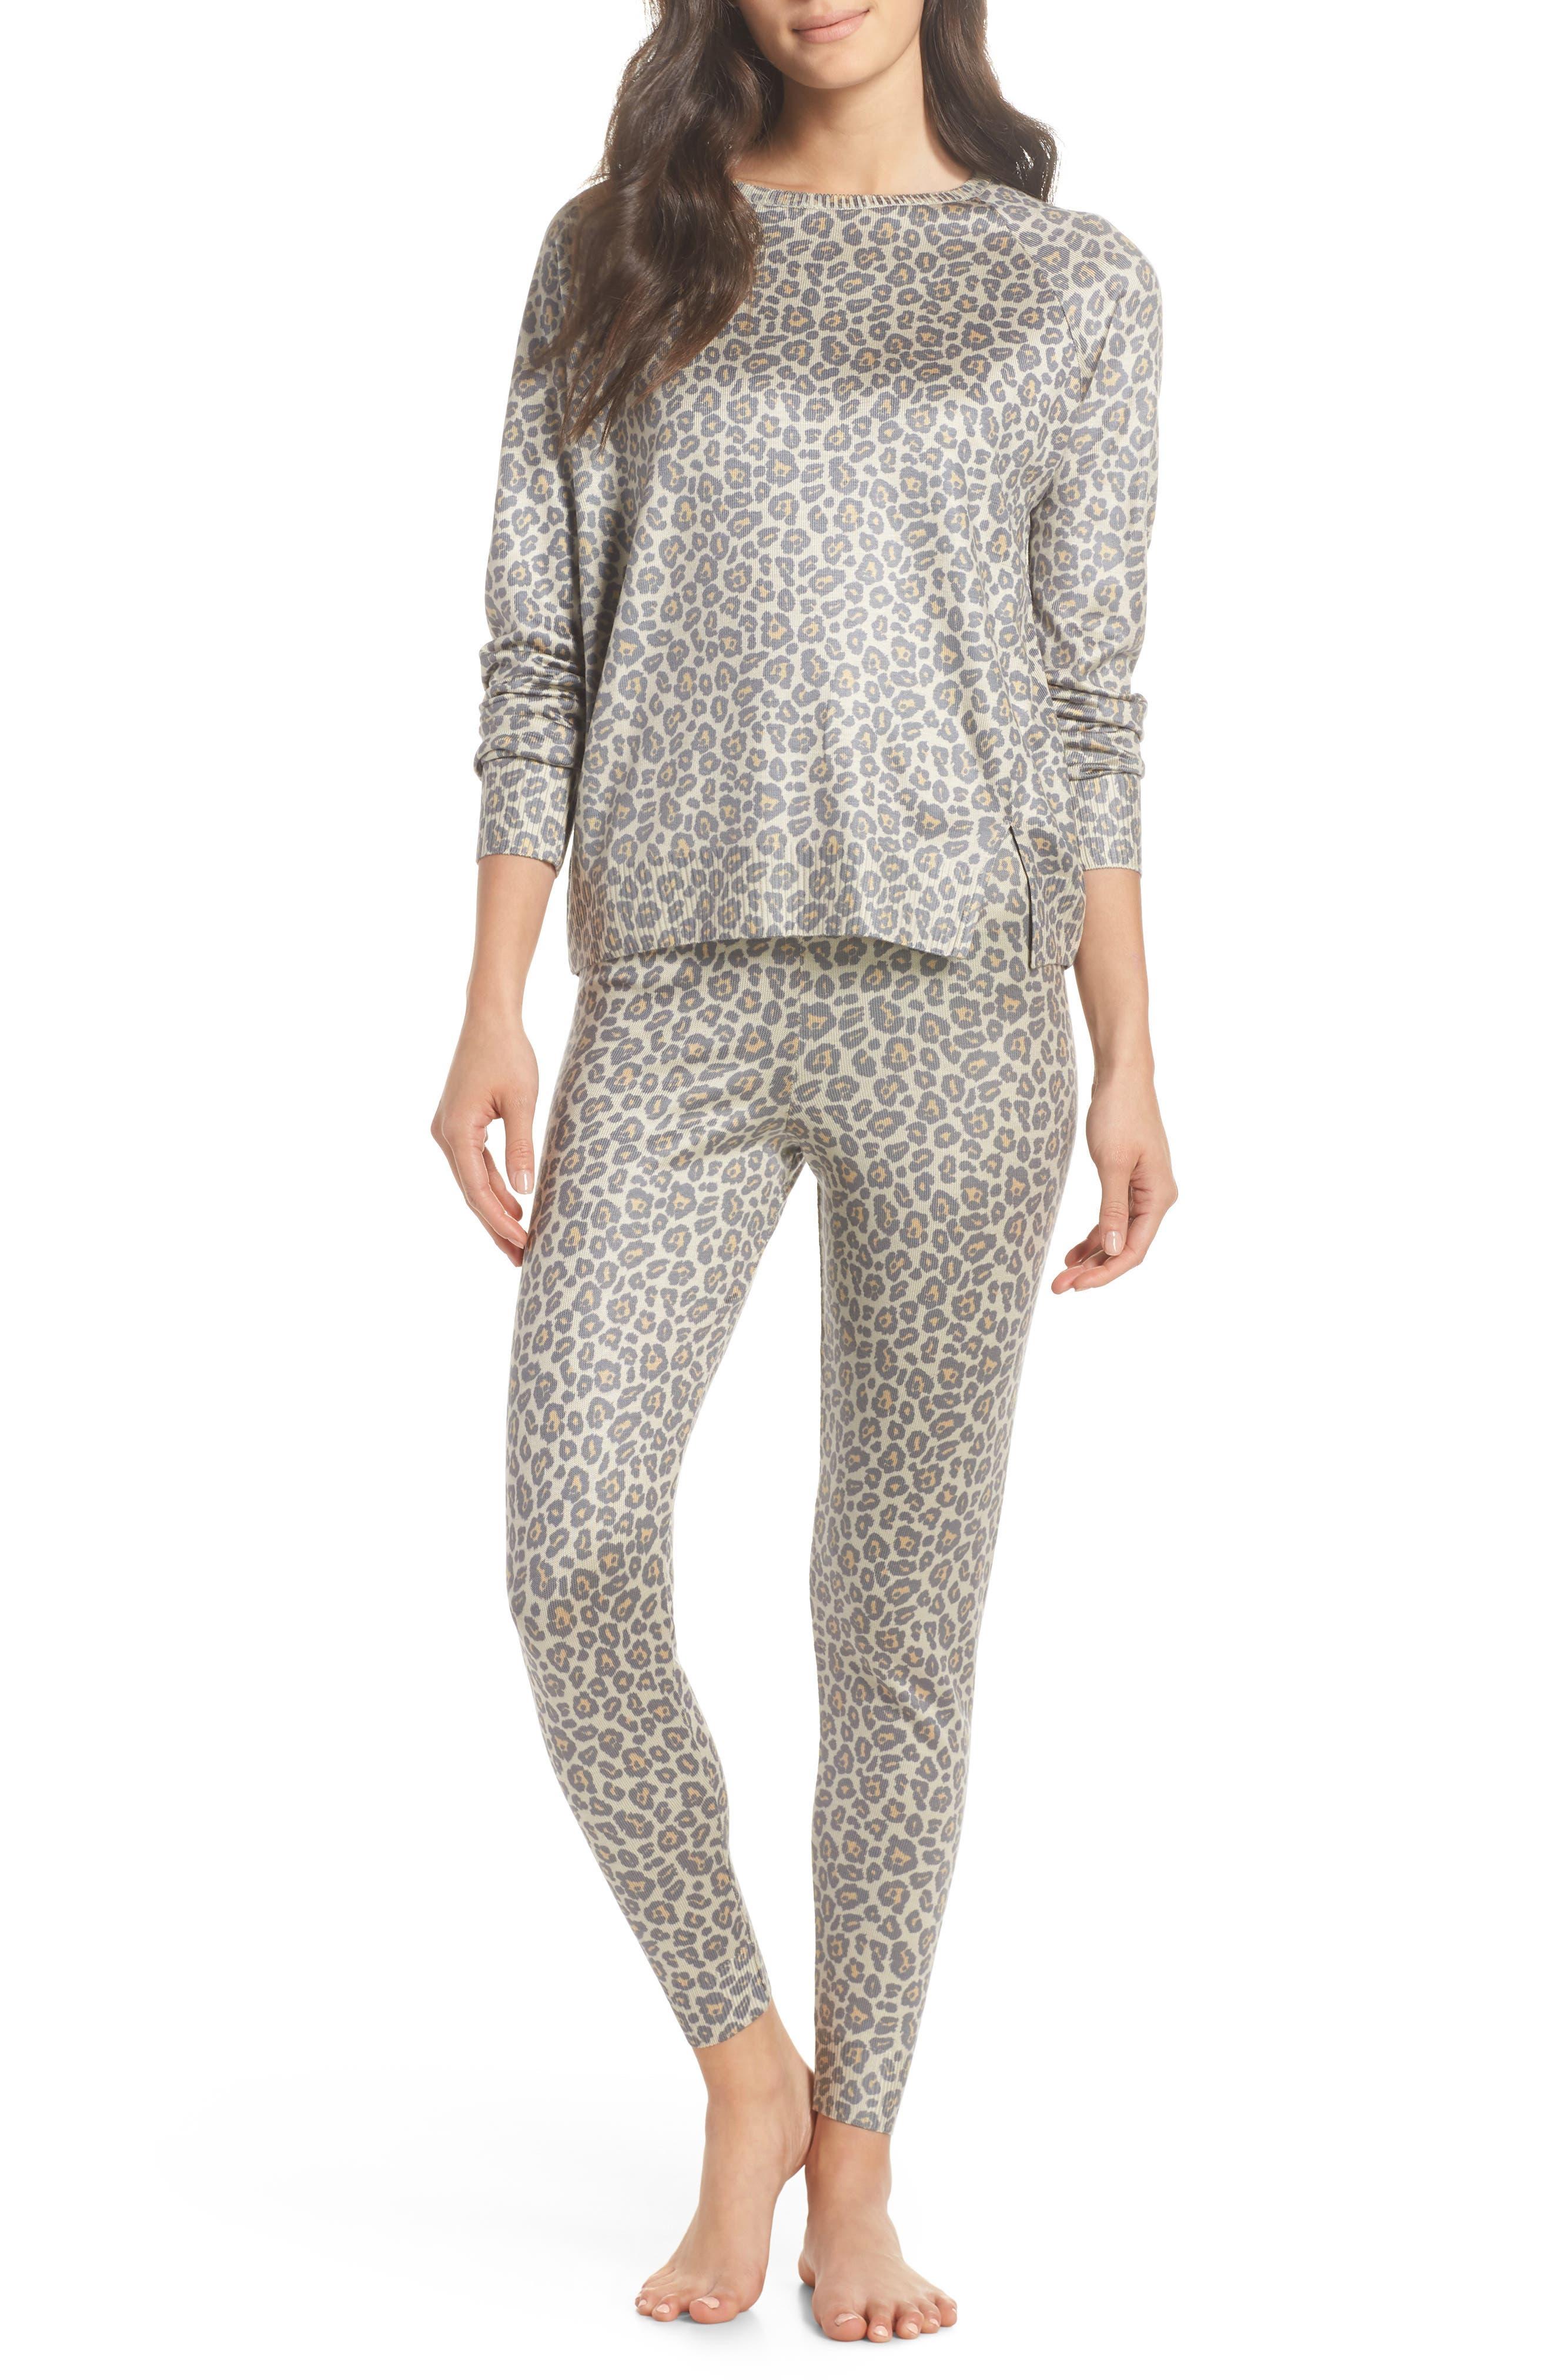 Leopard Knit Lounge Pant,                             Alternate thumbnail 7, color,                             BEIGE LEOPARD